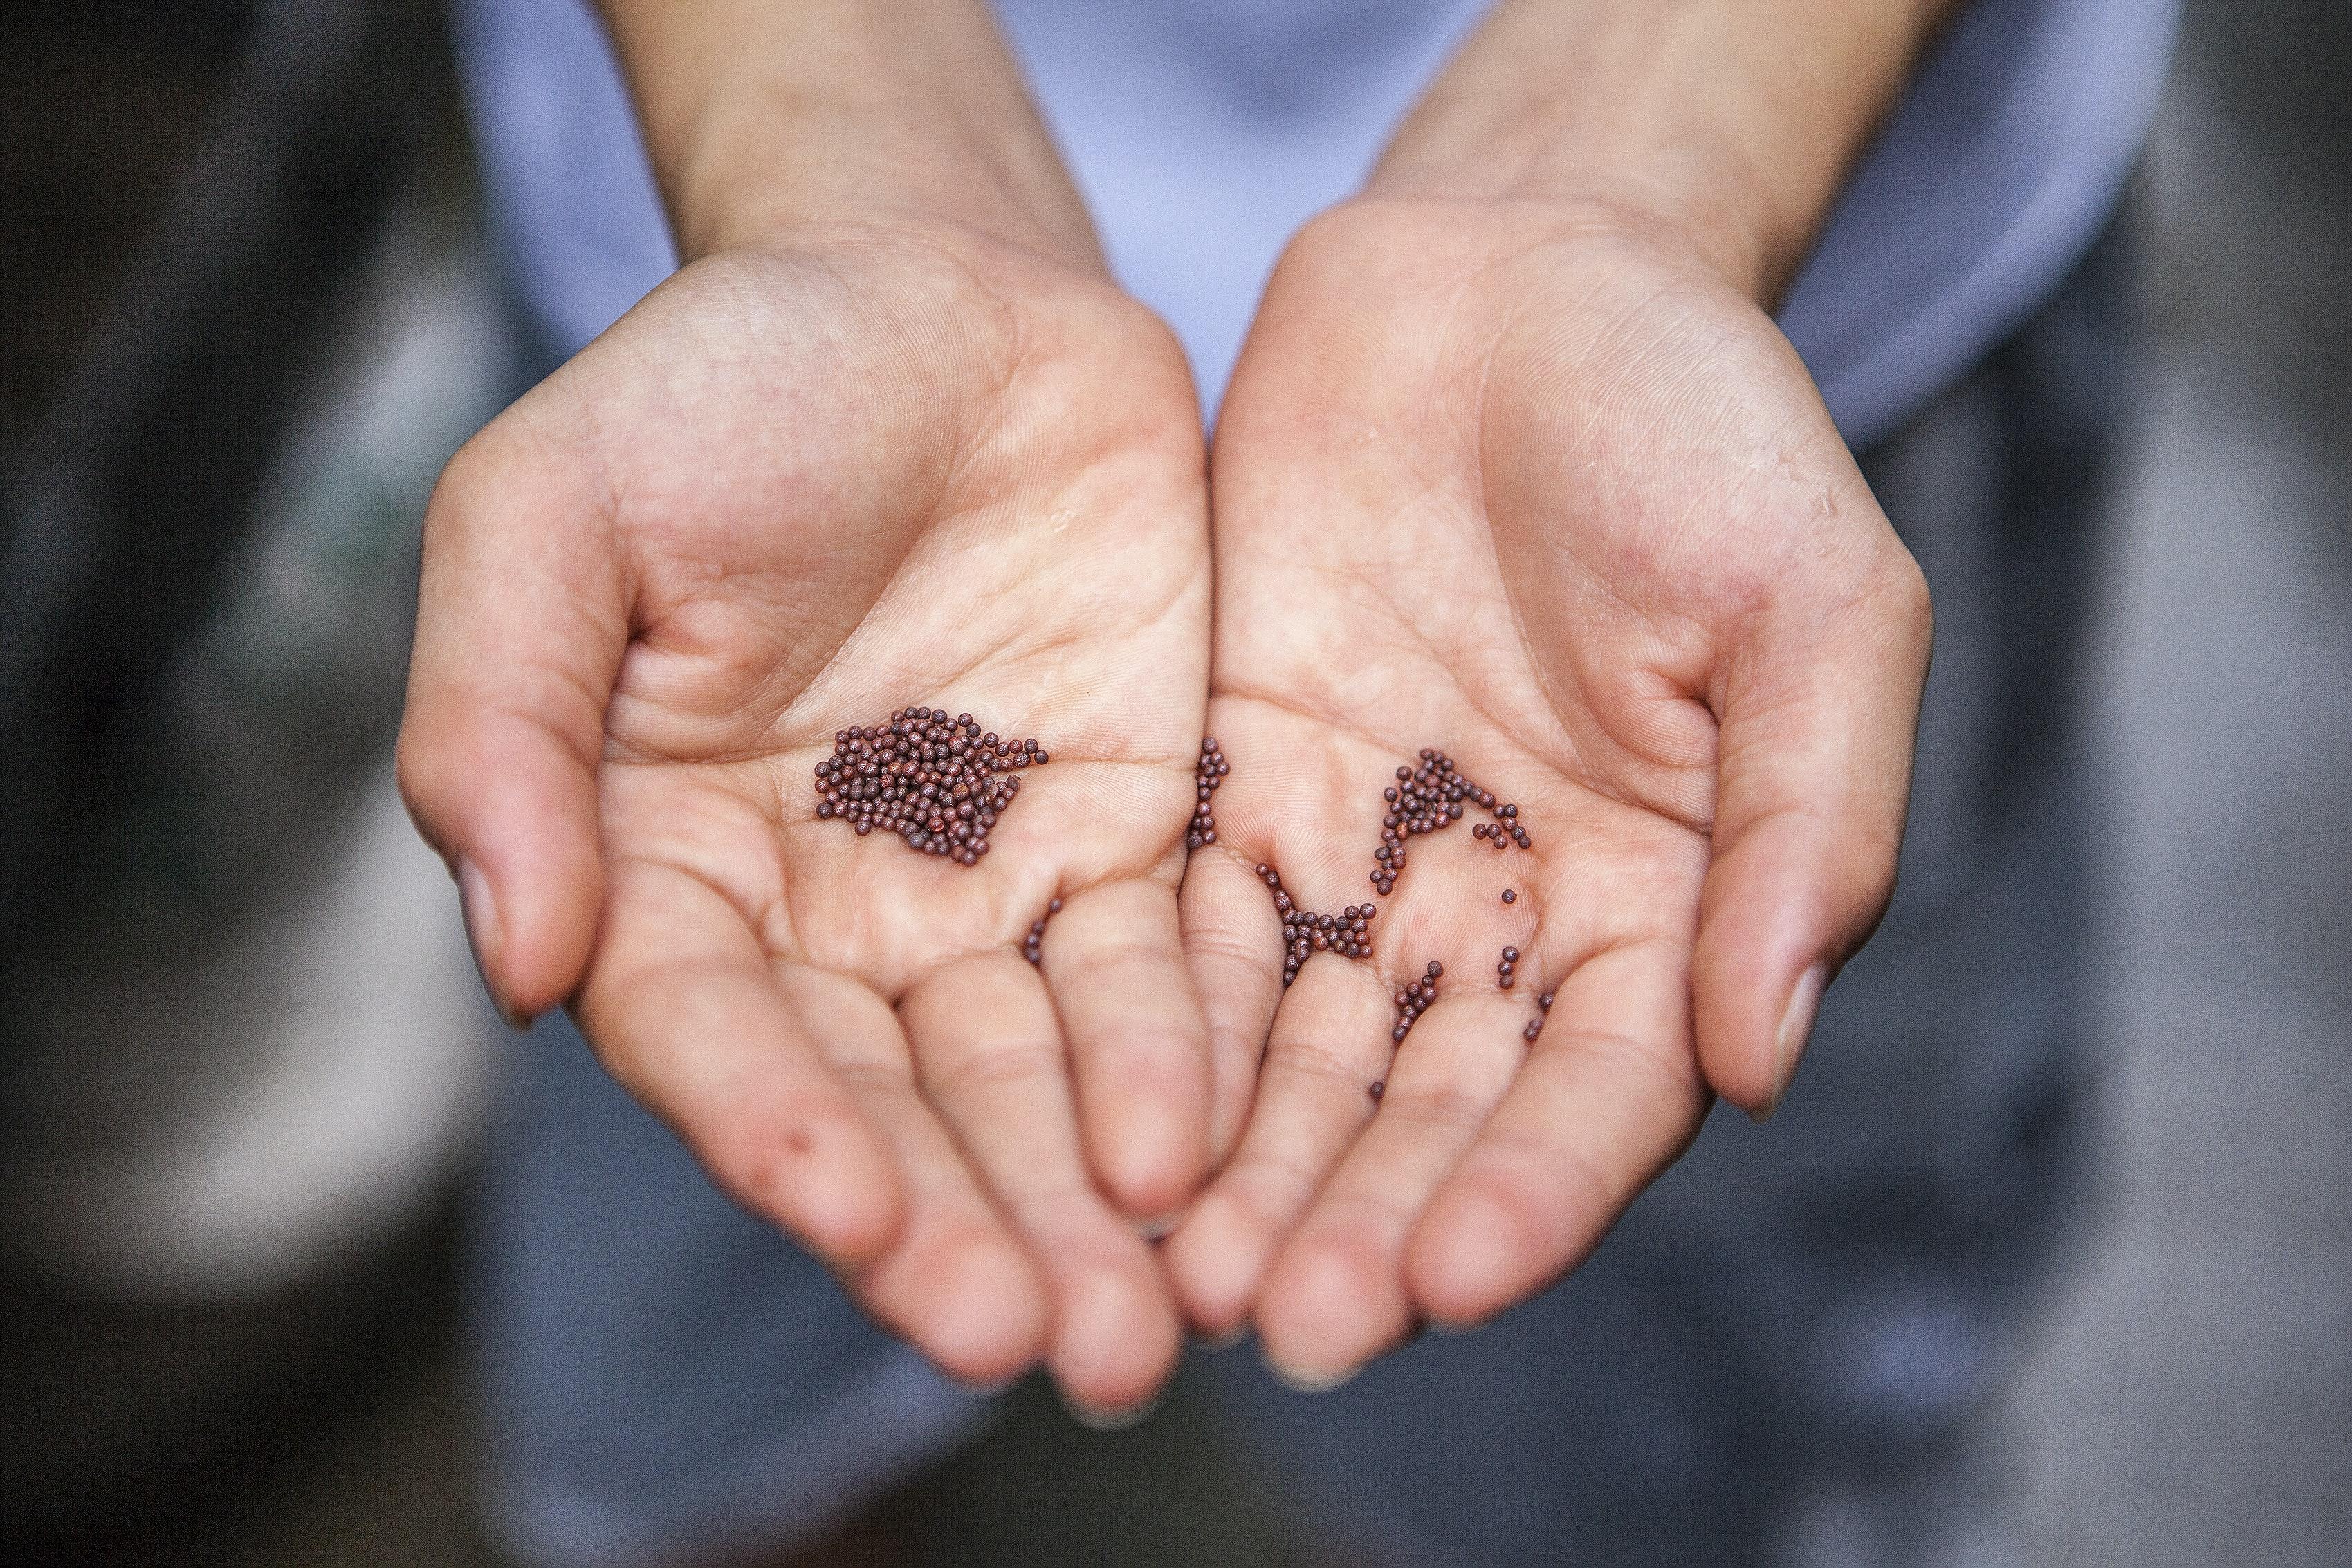 Seeds lying in open hands.